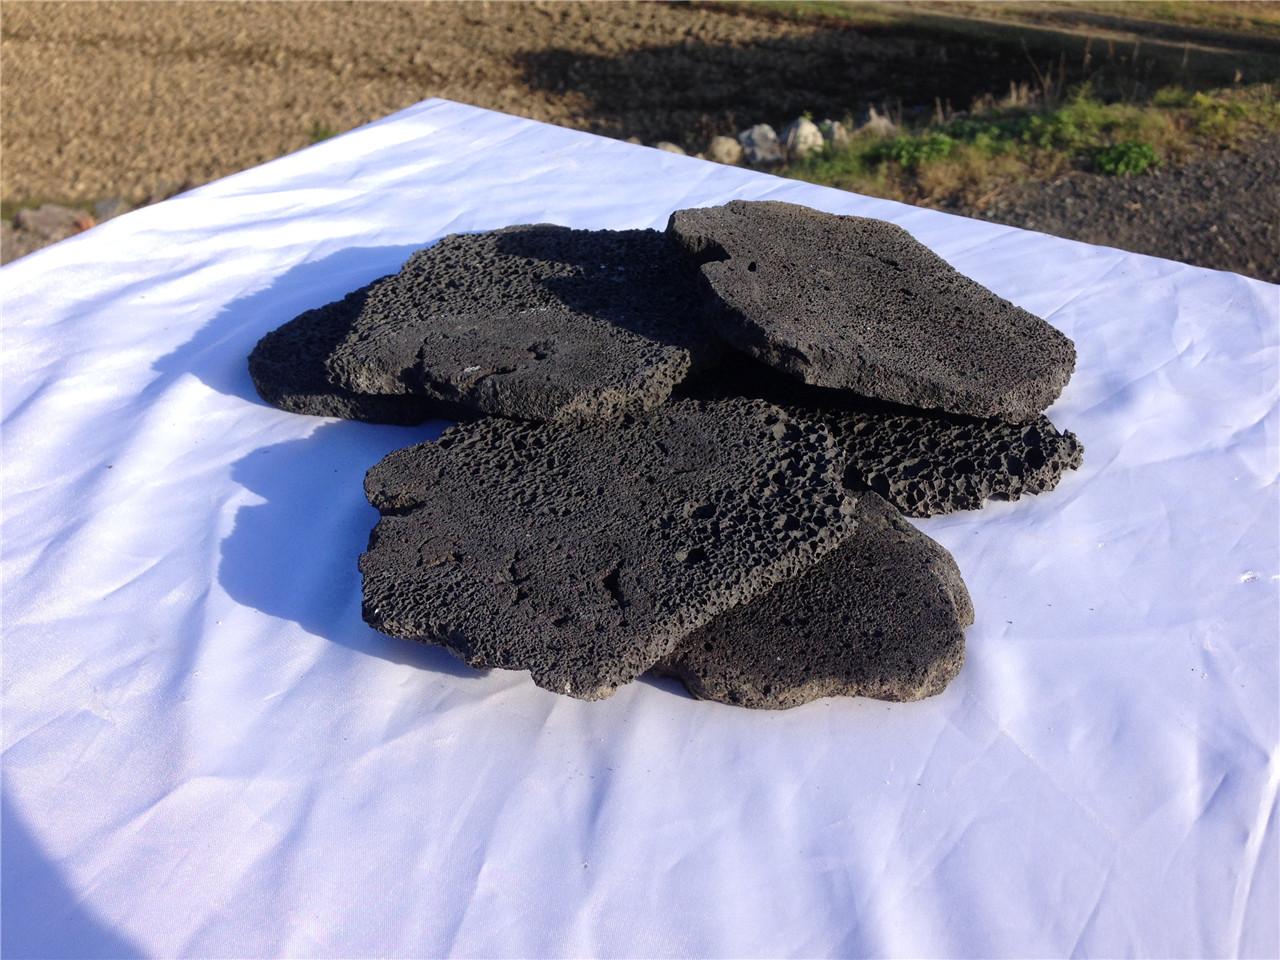 黒さ引立つ!溶岩(ブラックカル)水槽のインテリアに♪ 黒い溶岩!厚み10mm、大きさ0~150mm1L(1リットル)【10%増量中!】